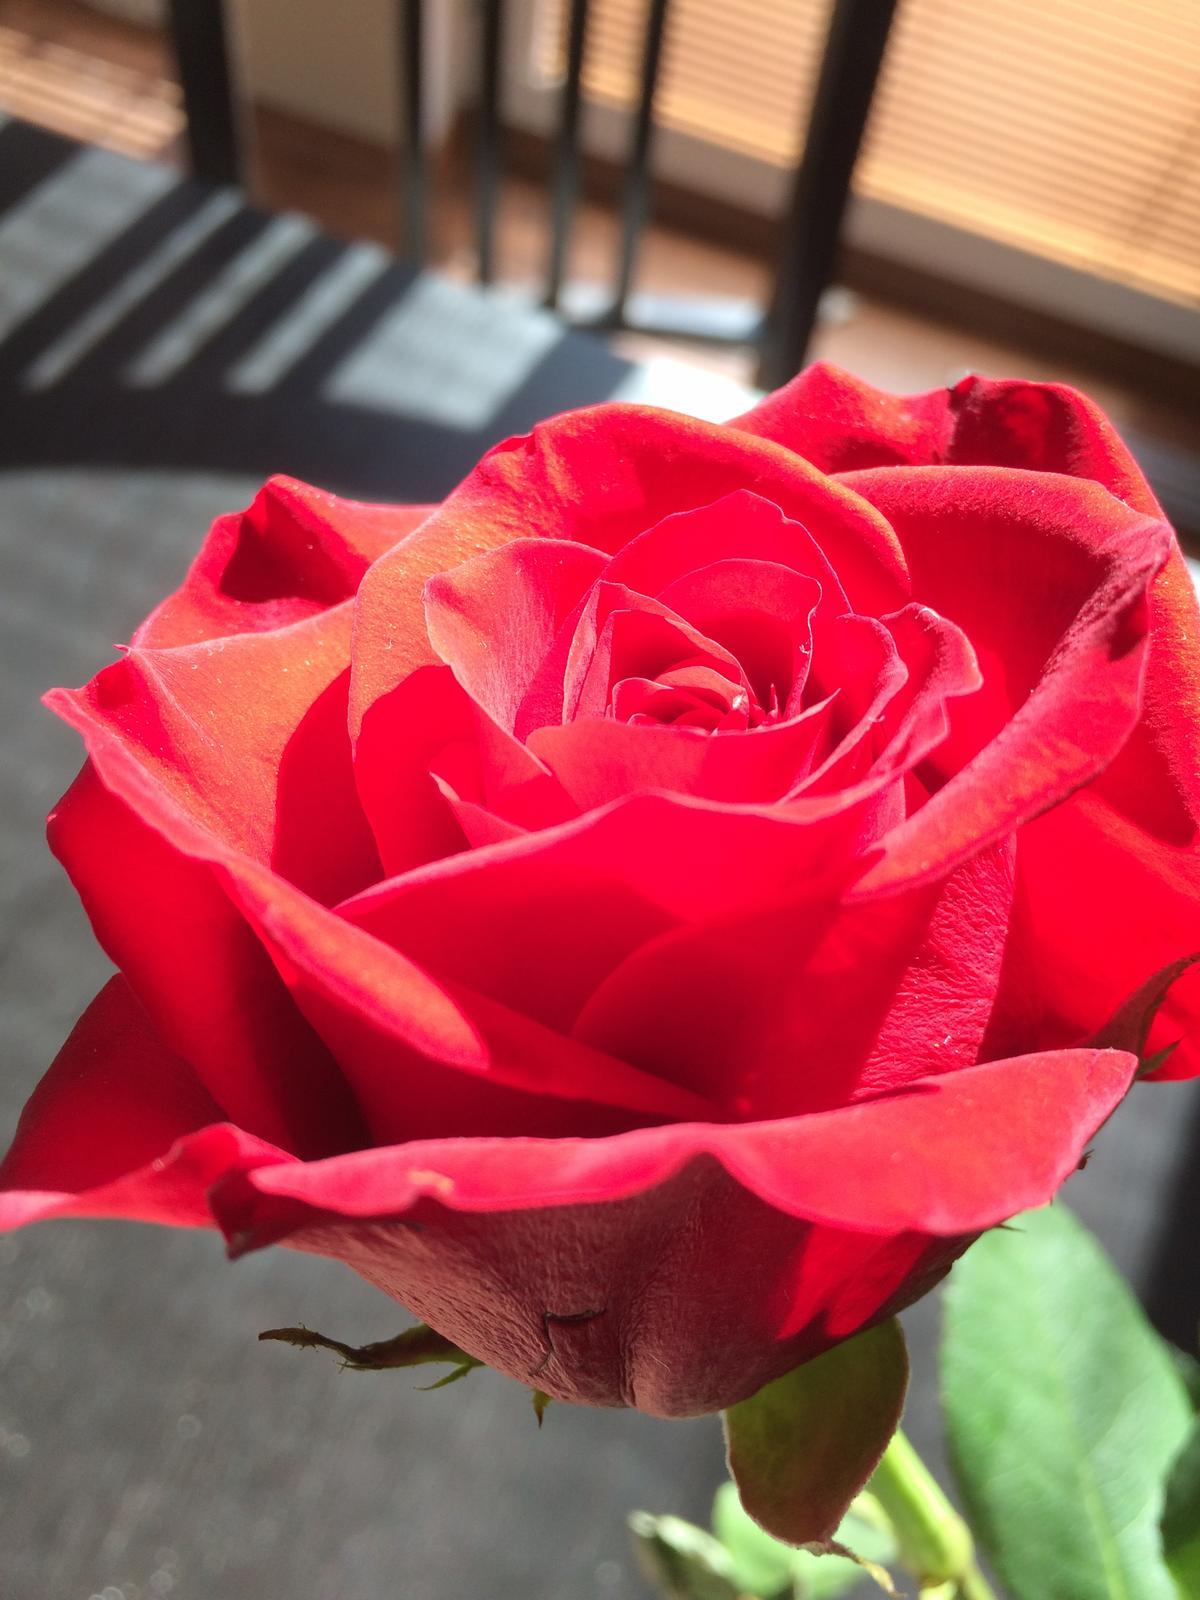 Dům i Zahrada 2019 - Dnes byl krásný pracovní den, ráno jsem od manžela dostala tuhle🌹, pak můj muž maloval předsíň, dcerka mi pomyla okna, nejmladší uvařil špageťáky a  já mohla být celý den venku na zahradě